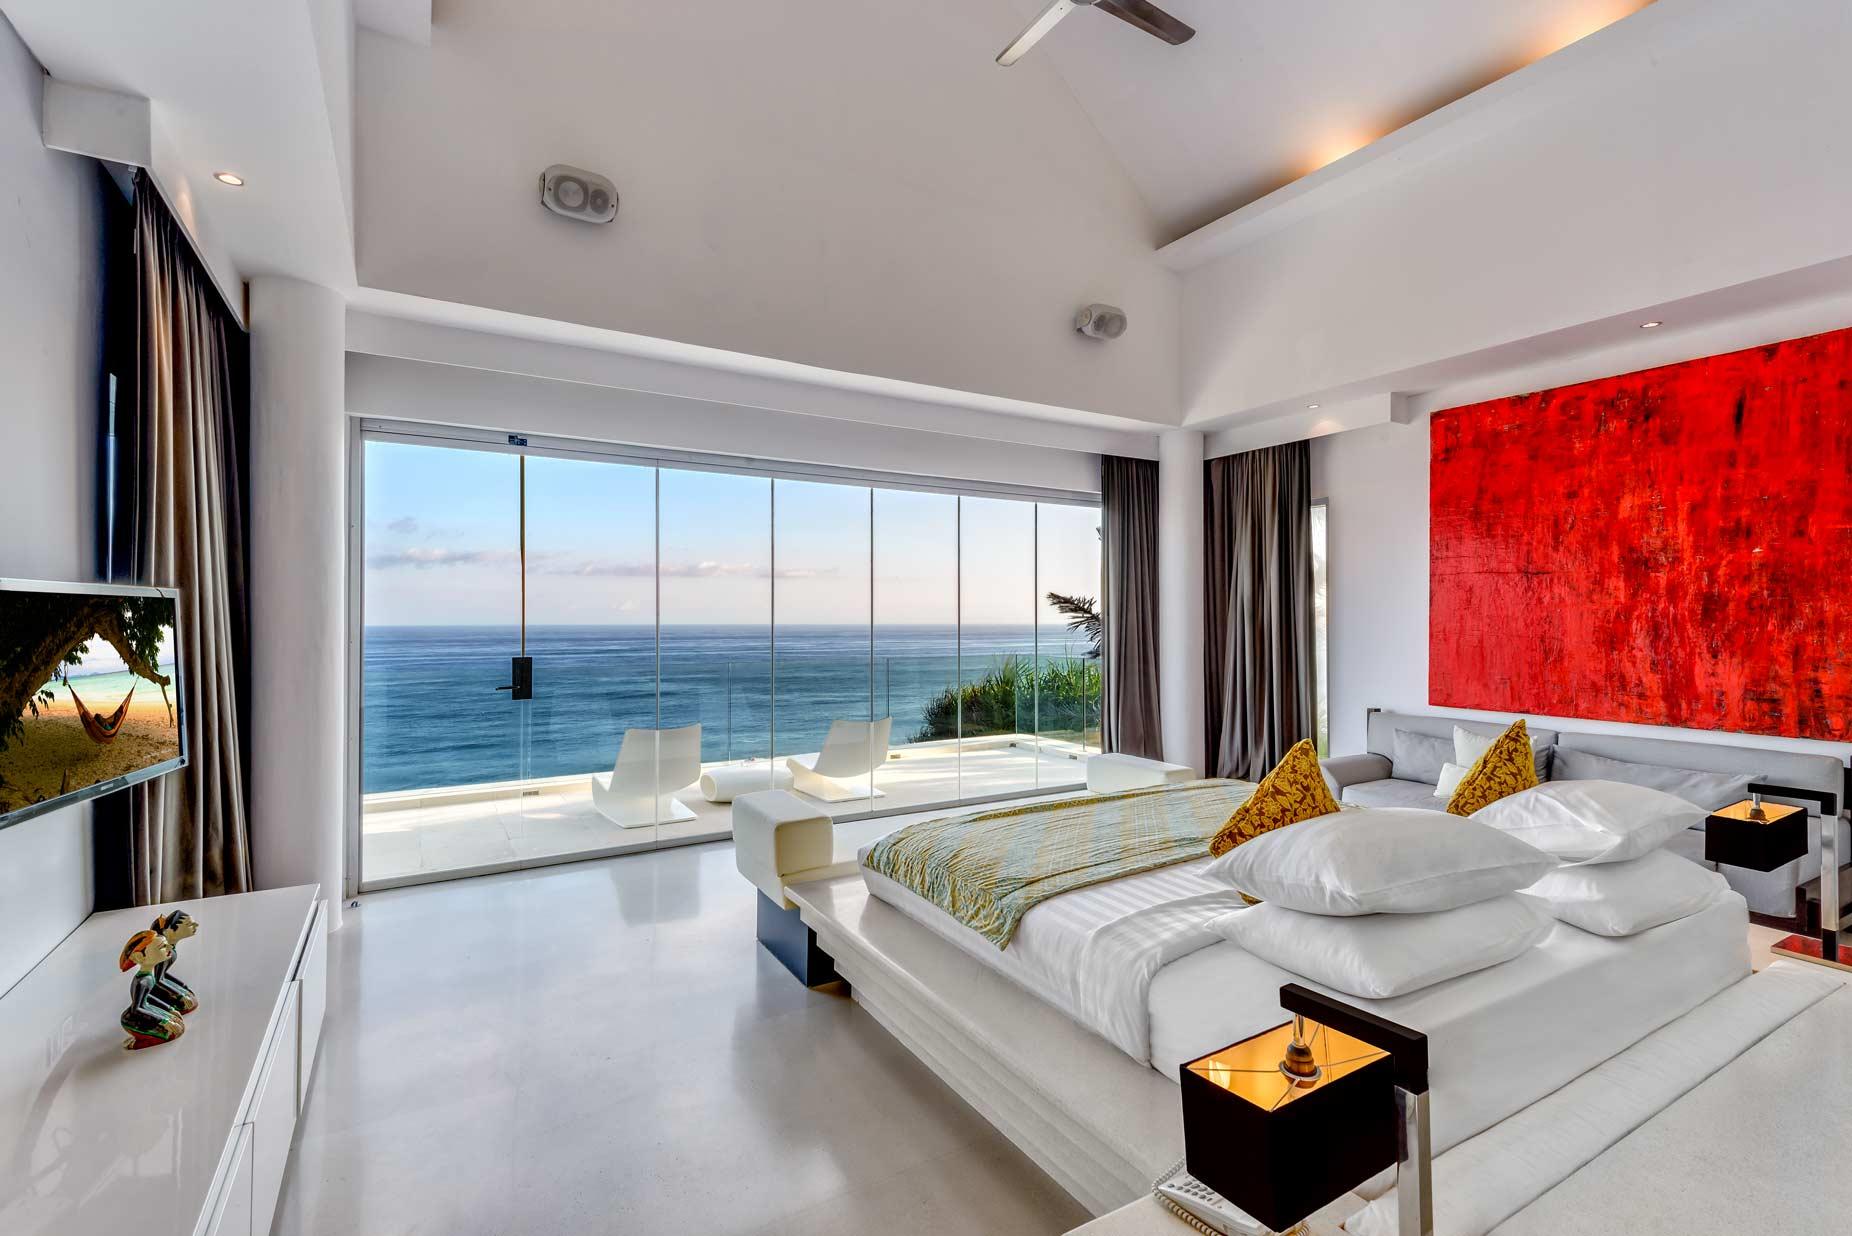 dl_140910_villa36_master-bedroom